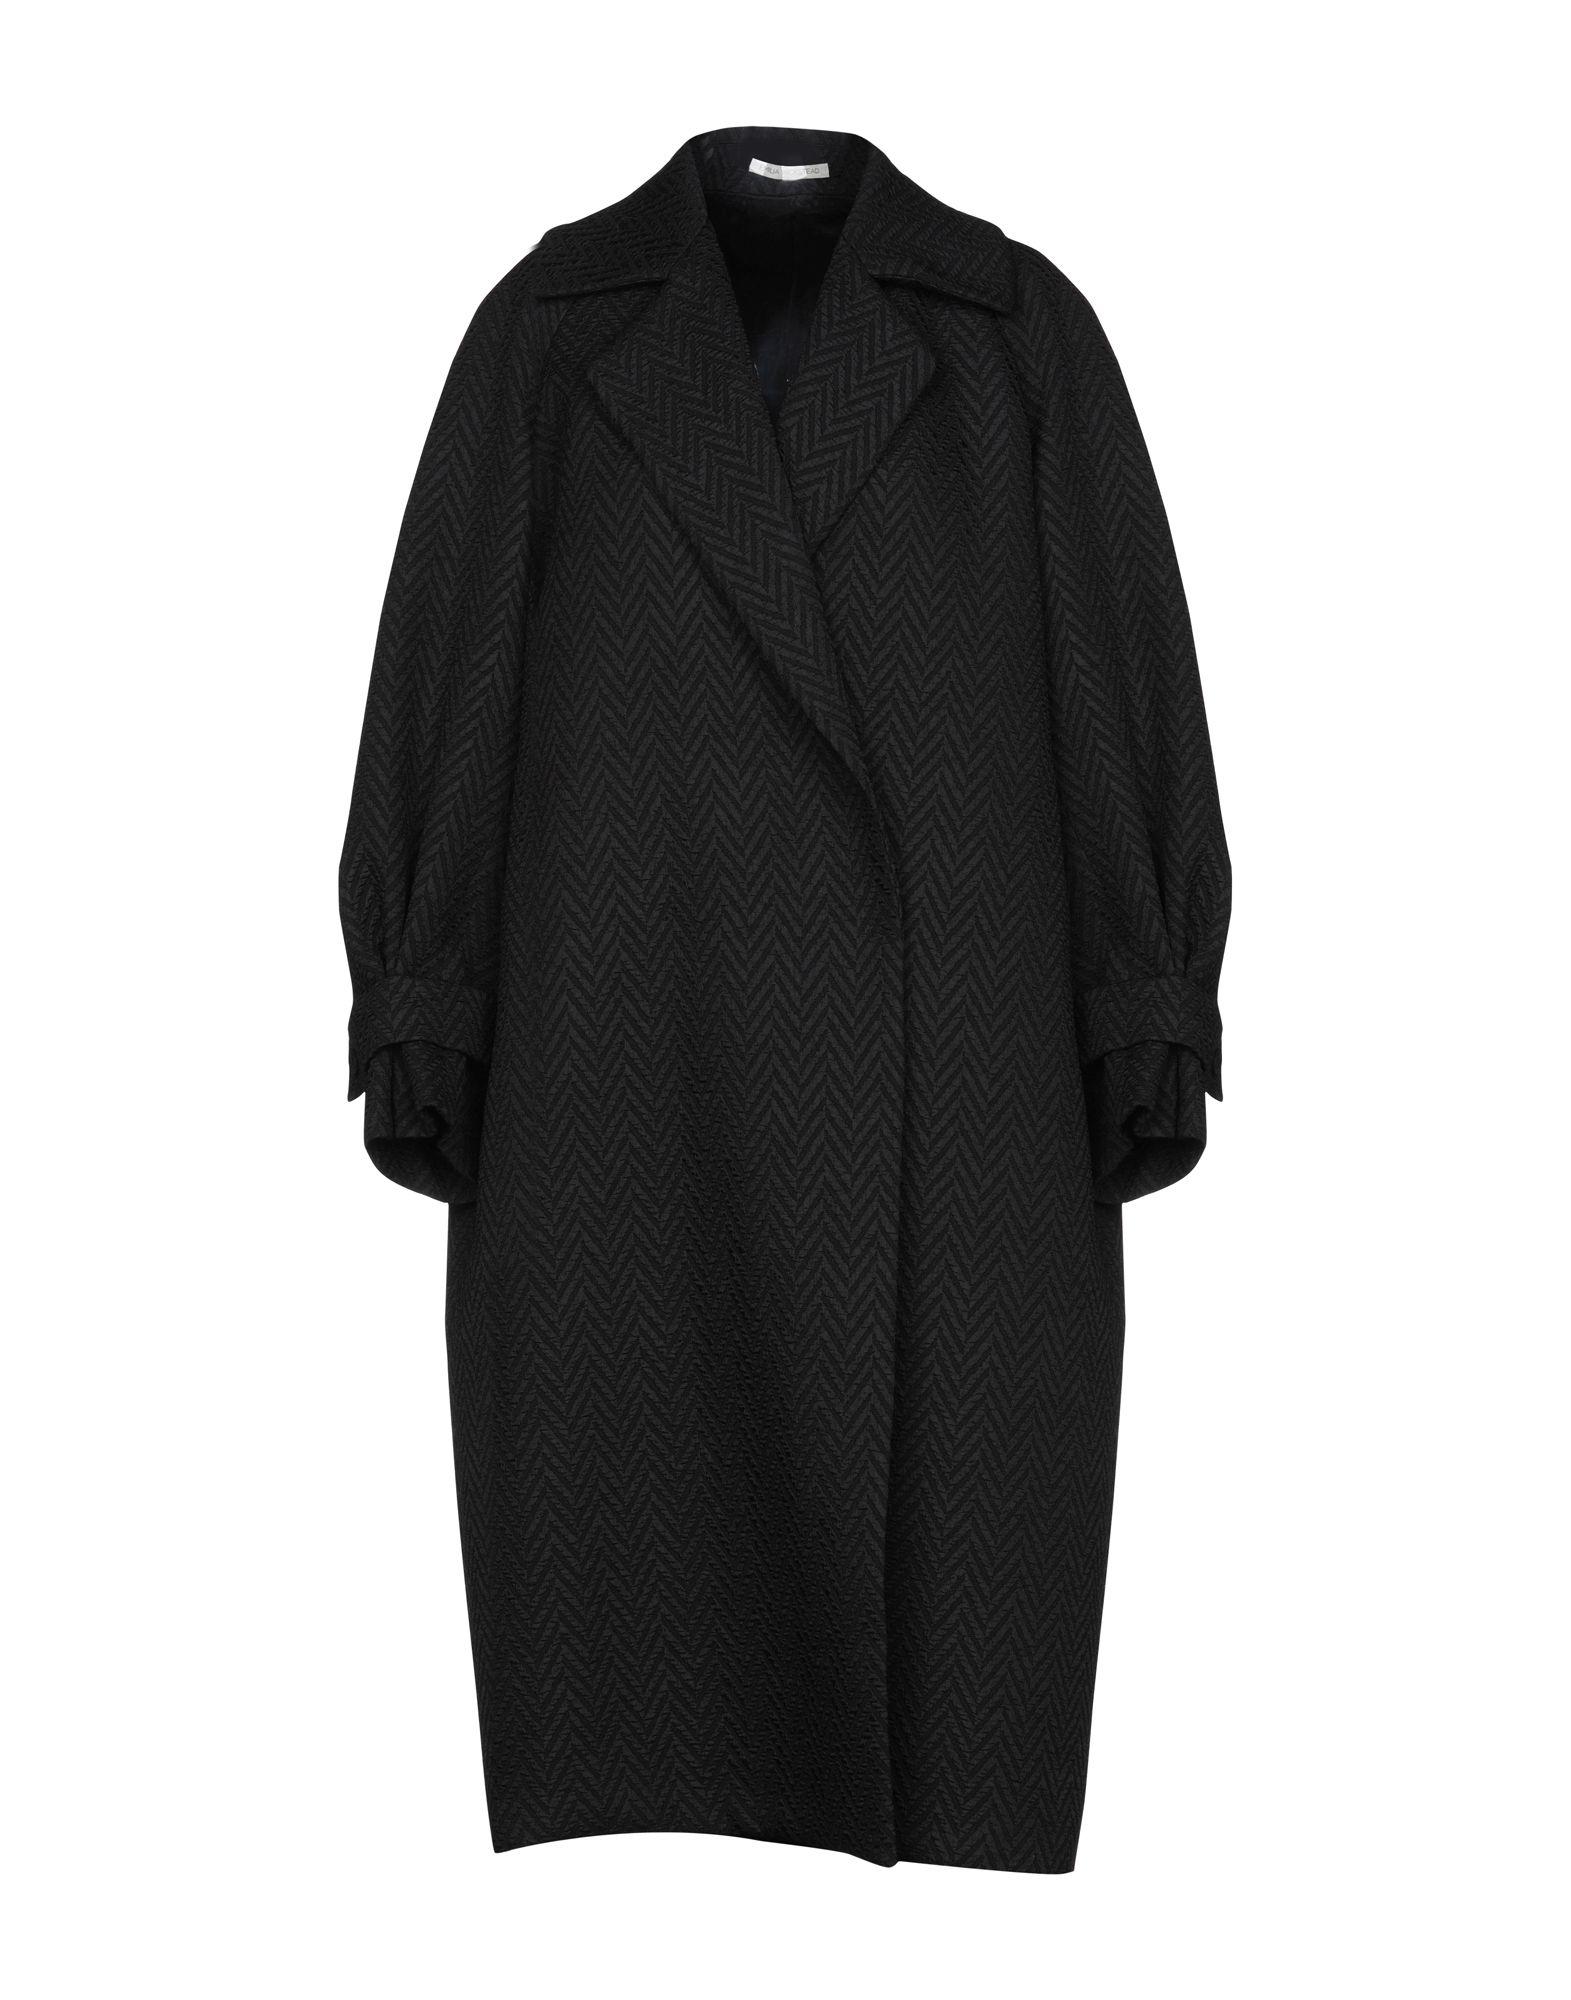 《送料無料》EMILIA WICKSTEAD レディース ライトコート ブラック M ポリエステル 100%